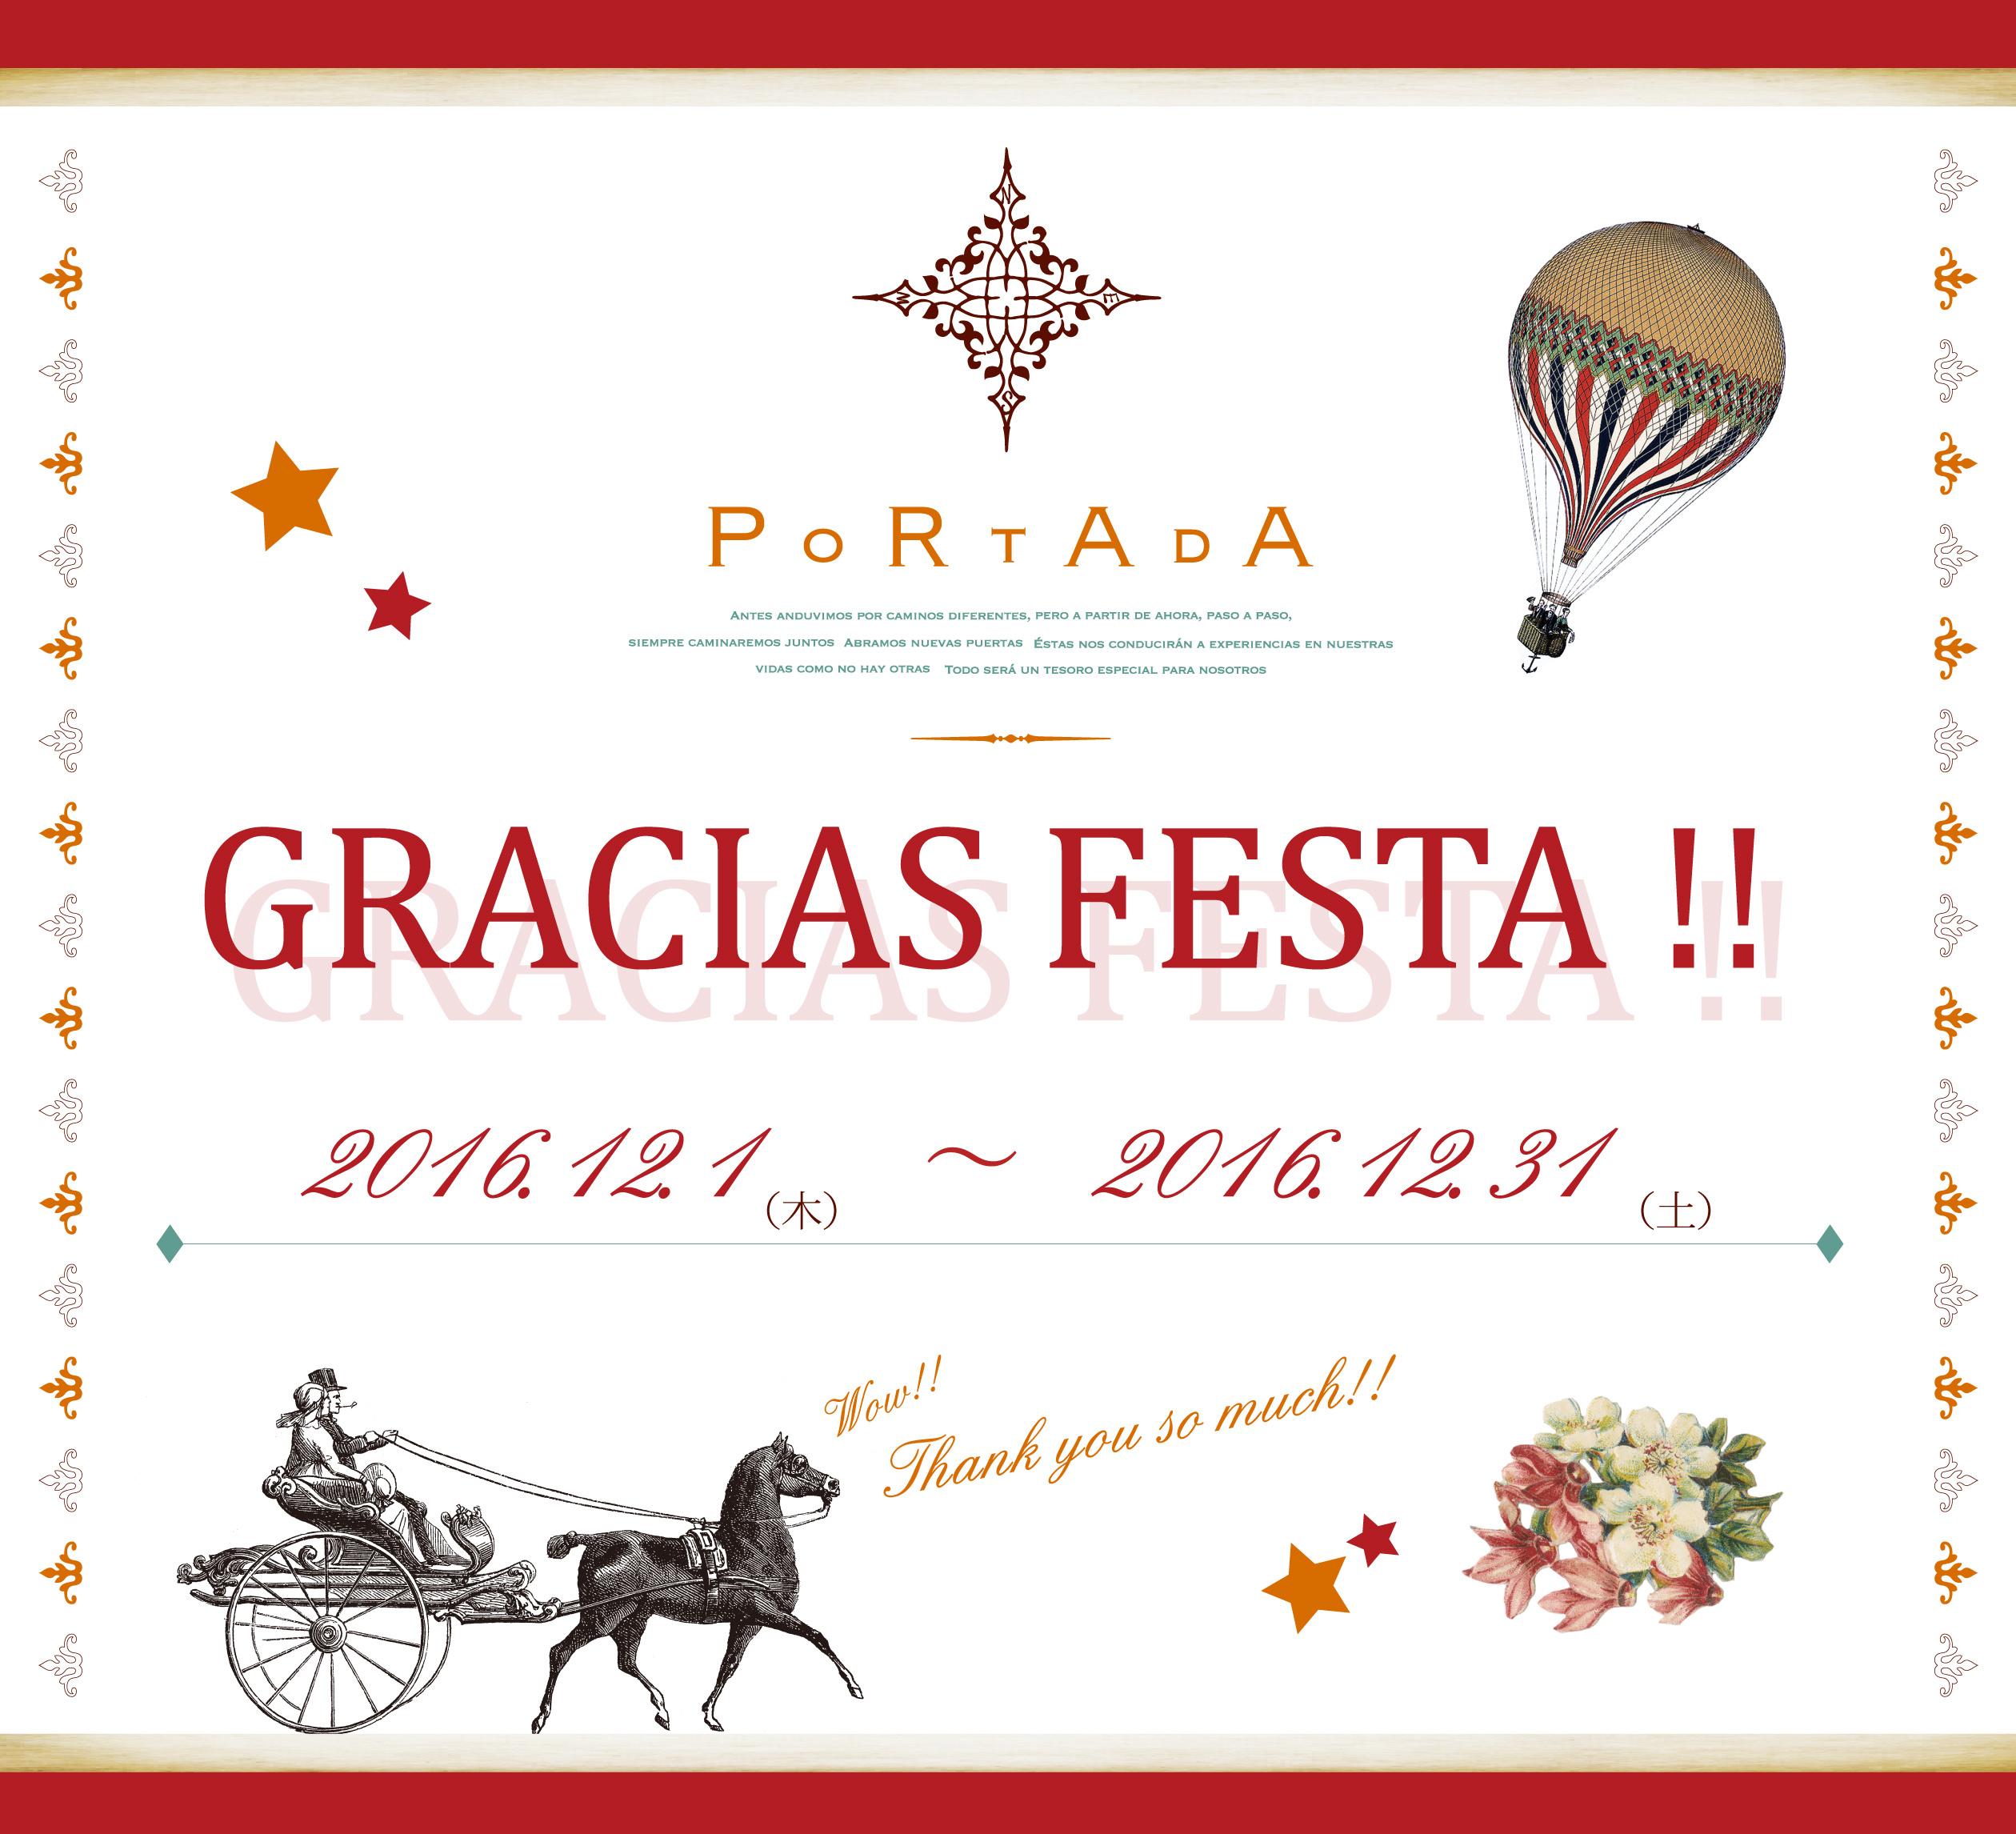 ☆★☆GRACIAS FESTA☆★☆